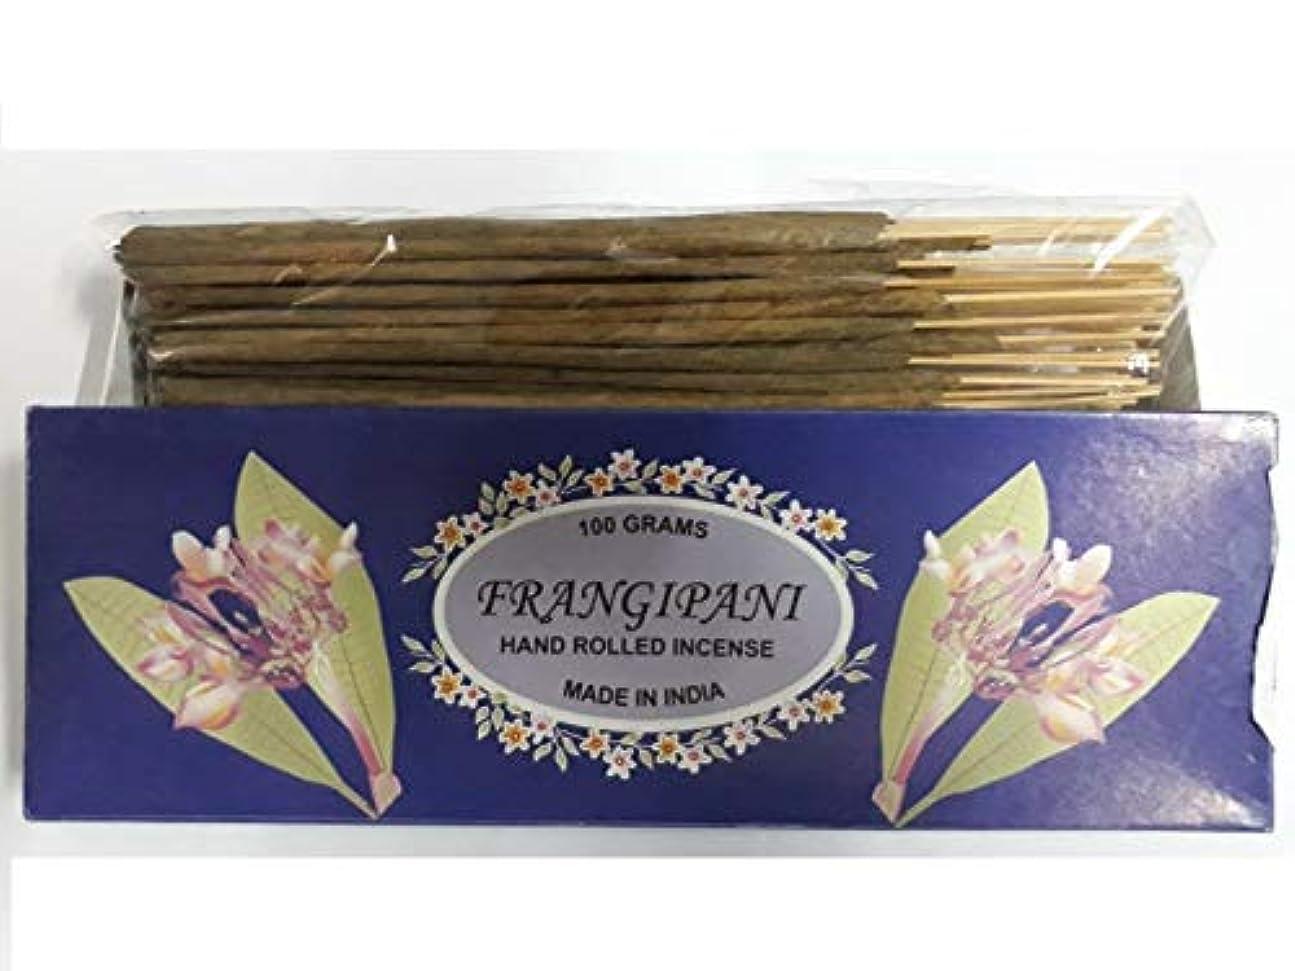 おばあさんリネンウイルスFrangipani フランジパニ Agarbatti Incense Sticks 線香 100 grams Hand Rolled Incense